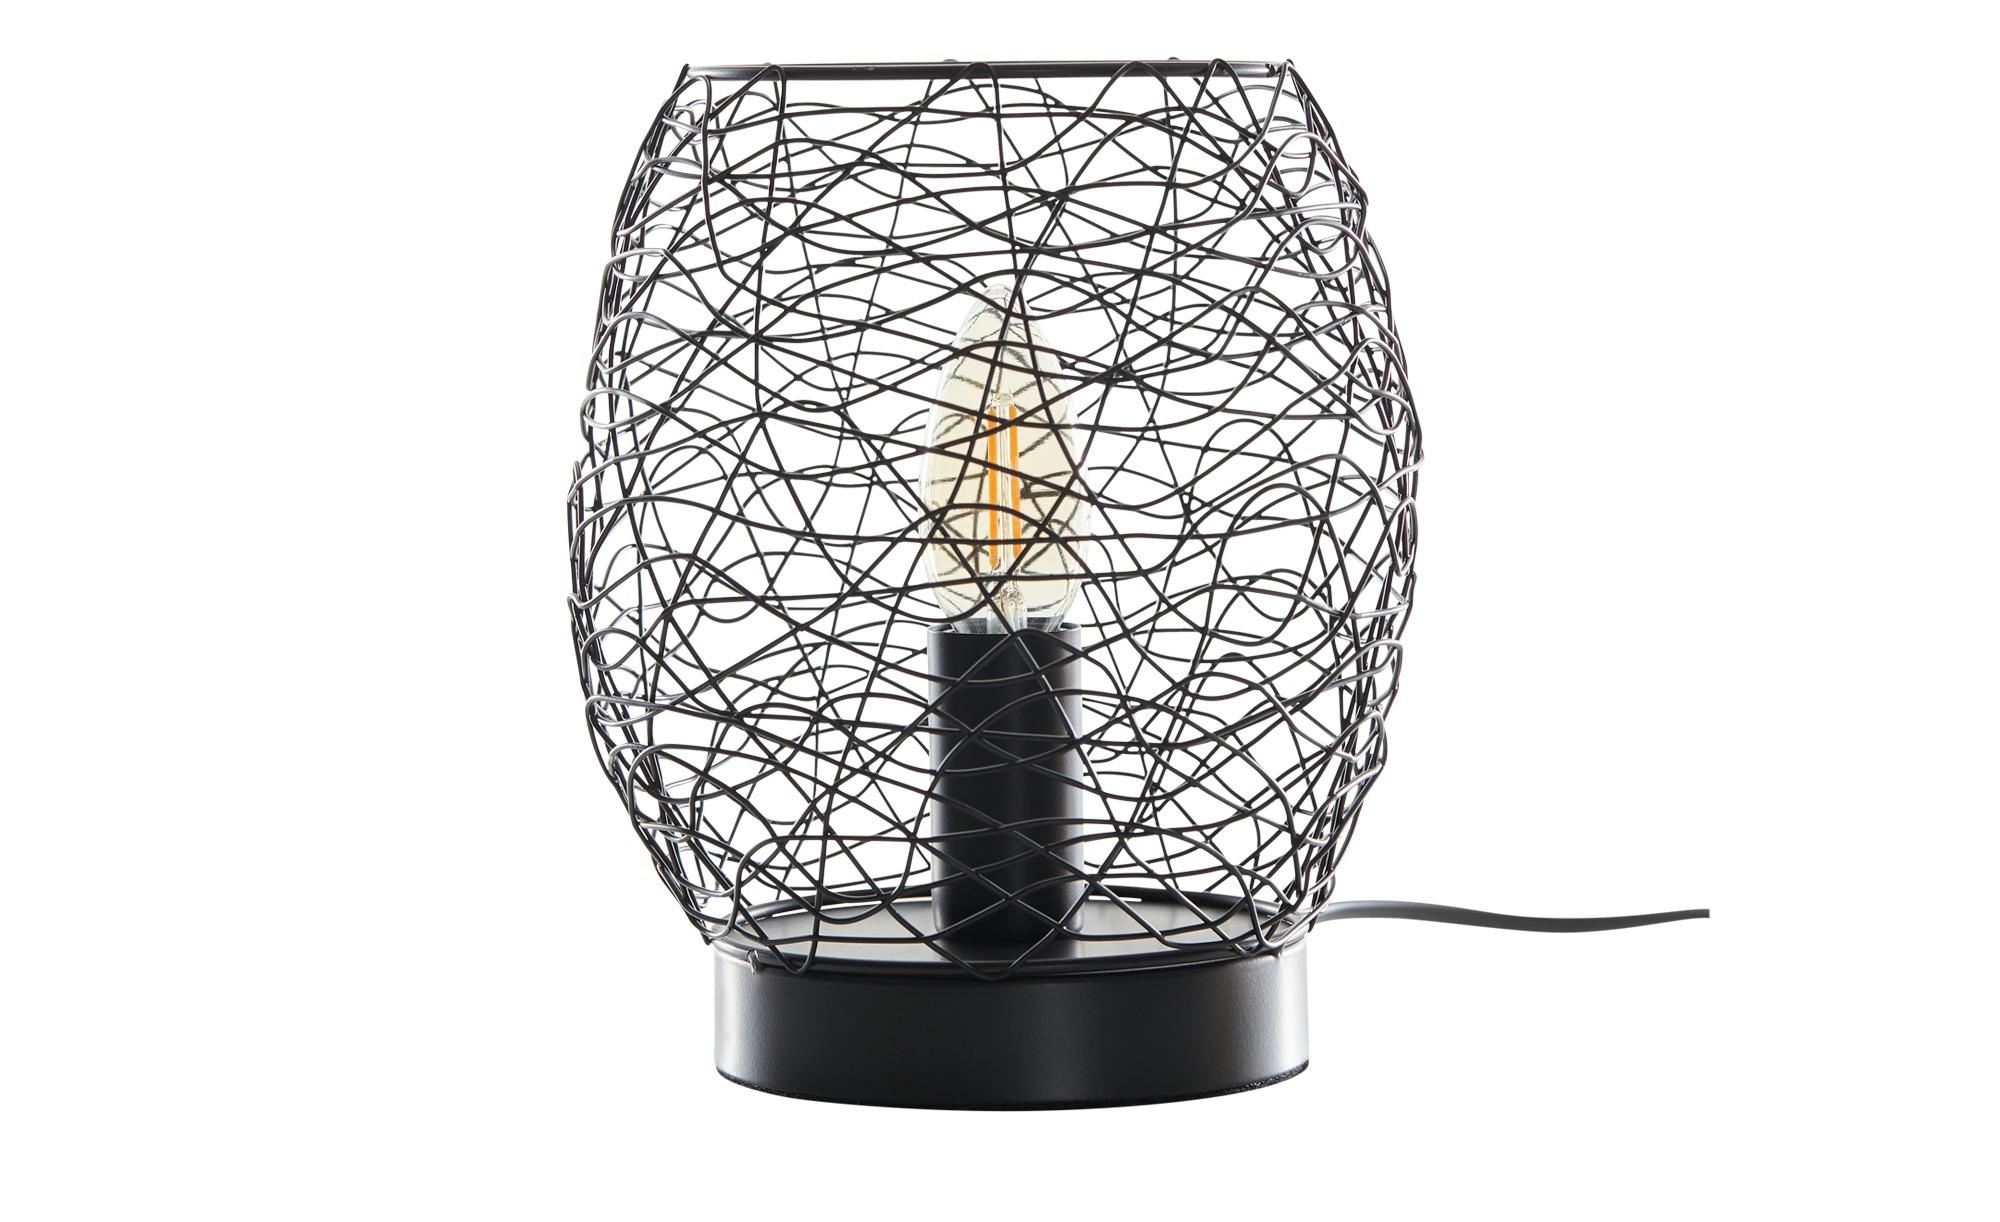 Tischleuchte, 1-flammig, Drahtoptik schwarz ¦ schwarz ¦ Maße (cm): H: 20 Ø: 16 Lampen & Leuchten > Innenleuchten > Tischlampen - Höffner